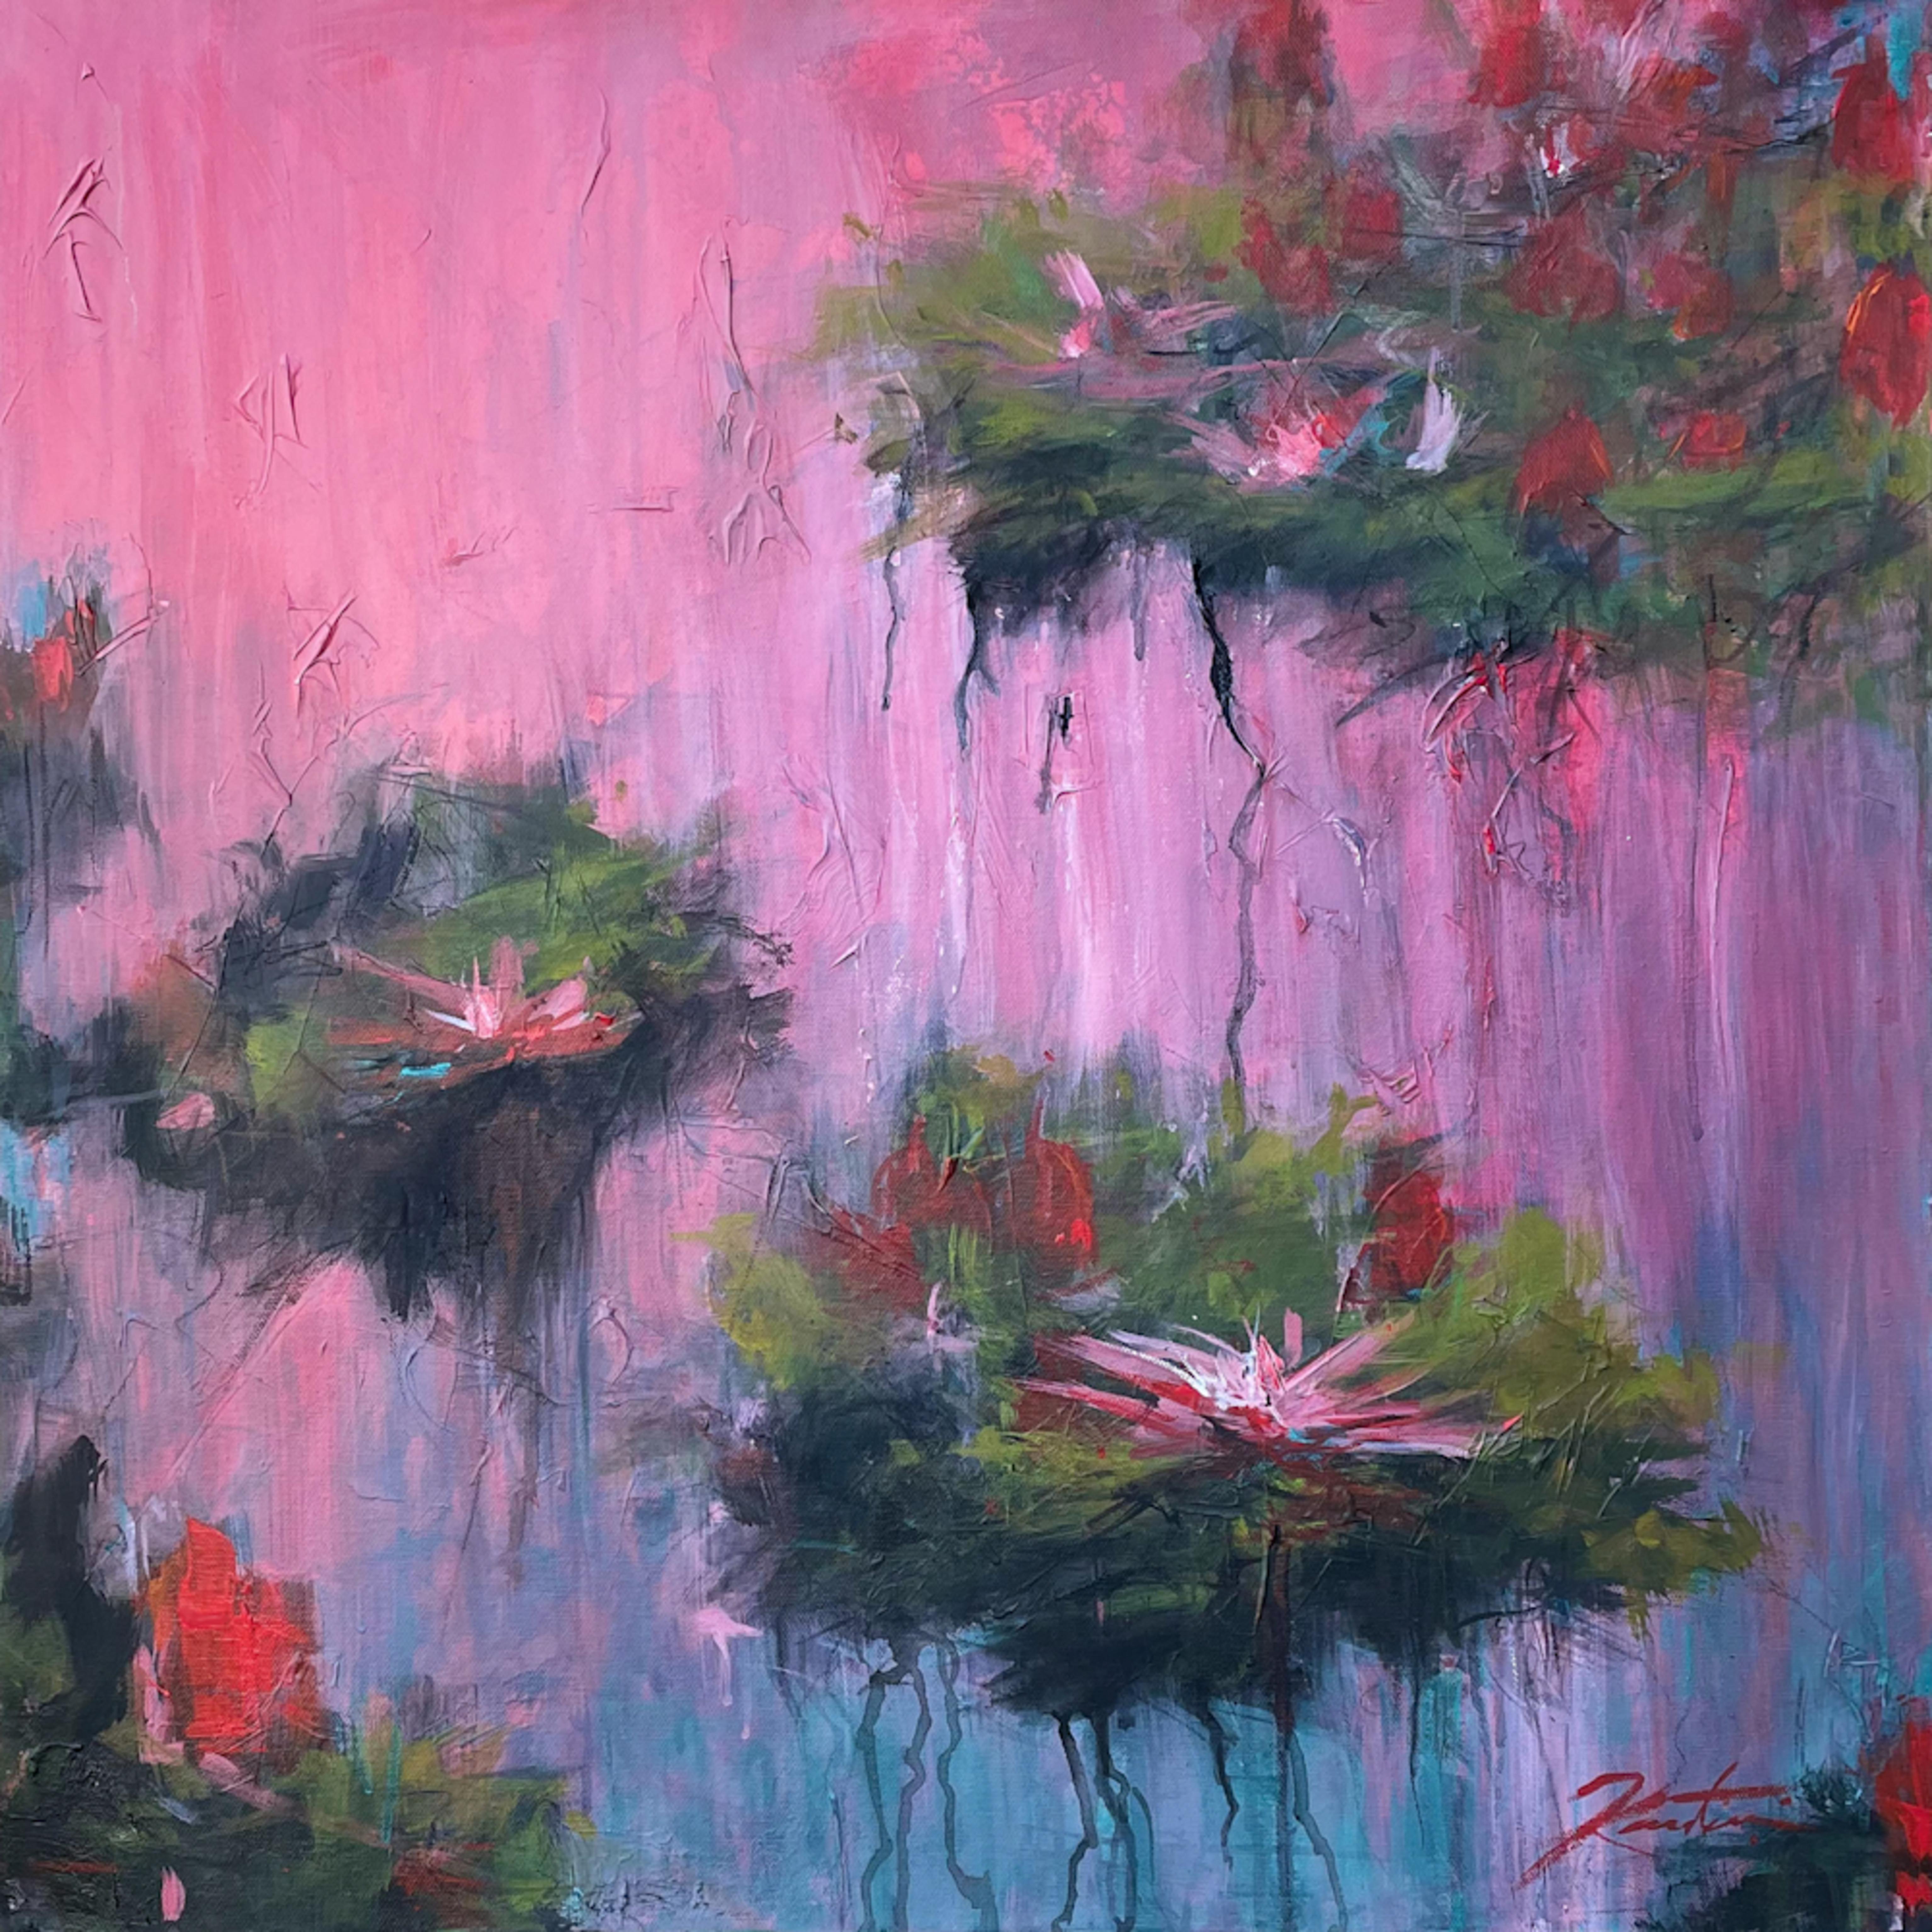 Water lilies 2 lpa9rn